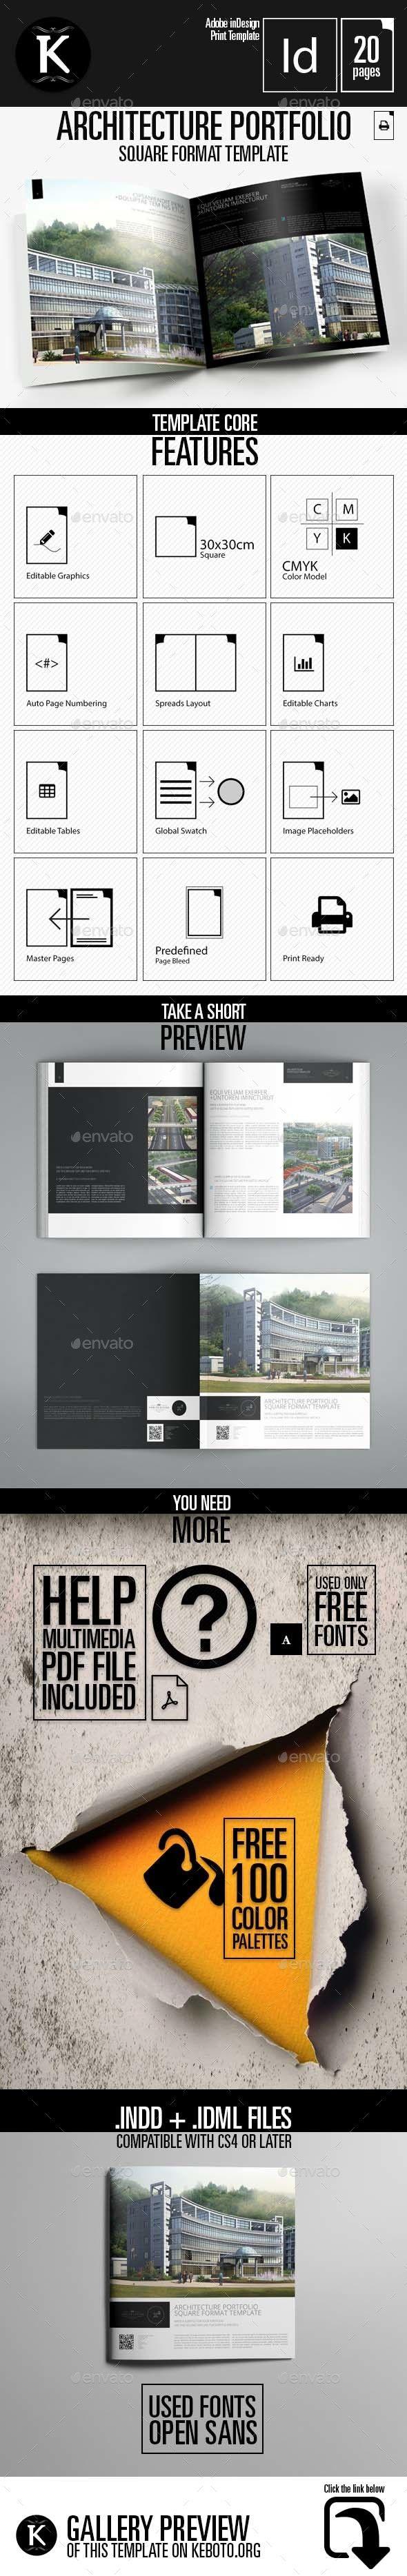 Architecture Portfolio Square Format